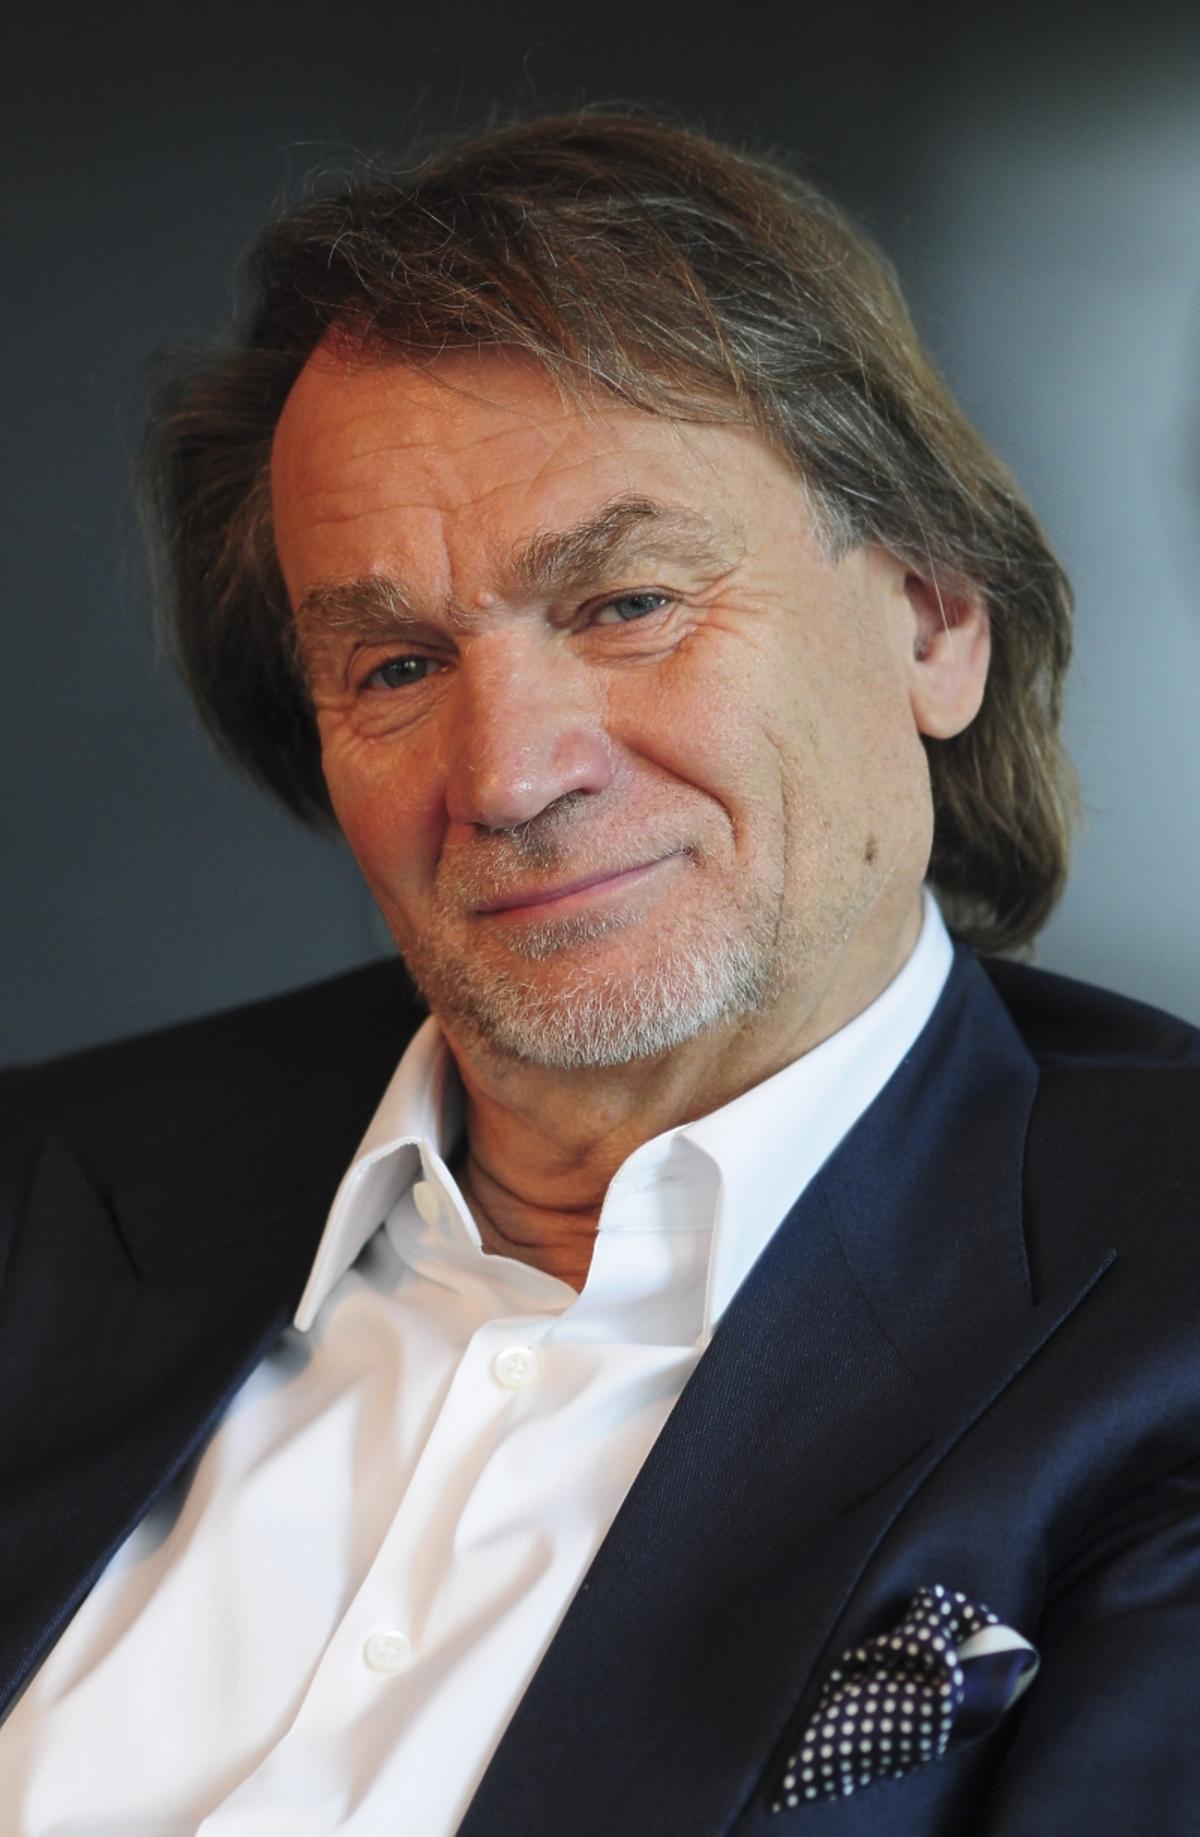 Portret usmiechniętego Jana Kulczyka